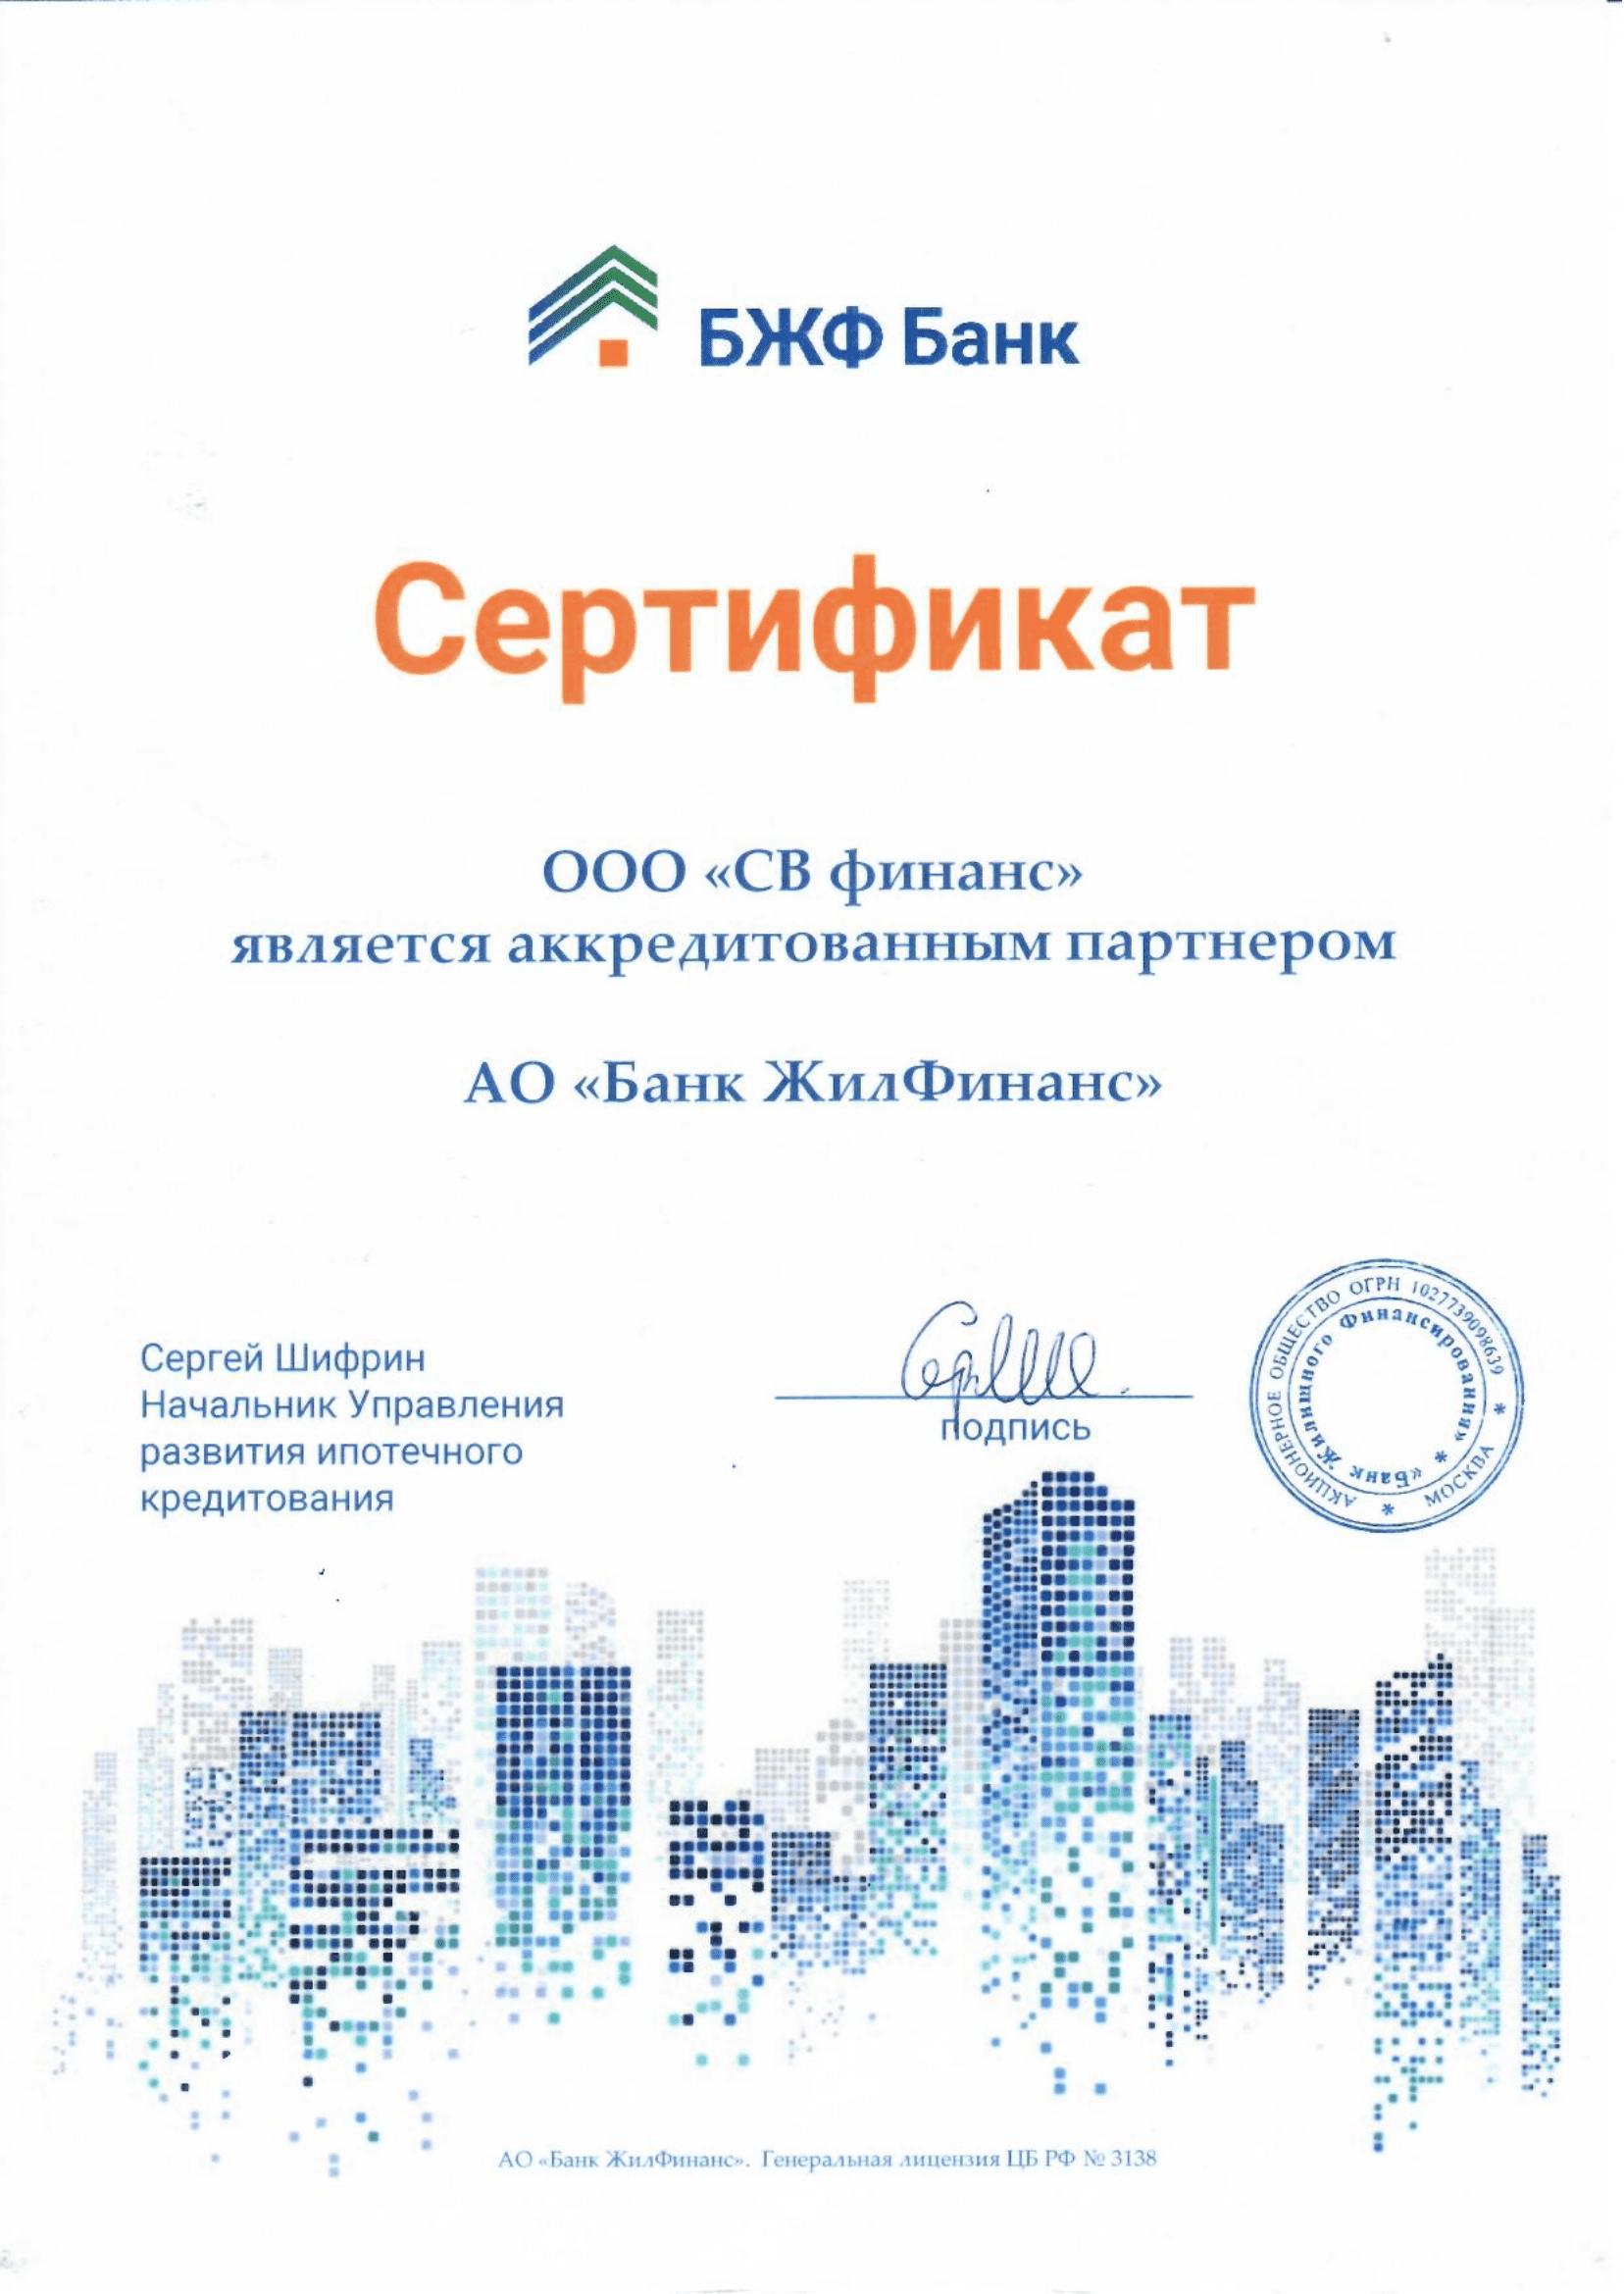 Сертификат БЖФ